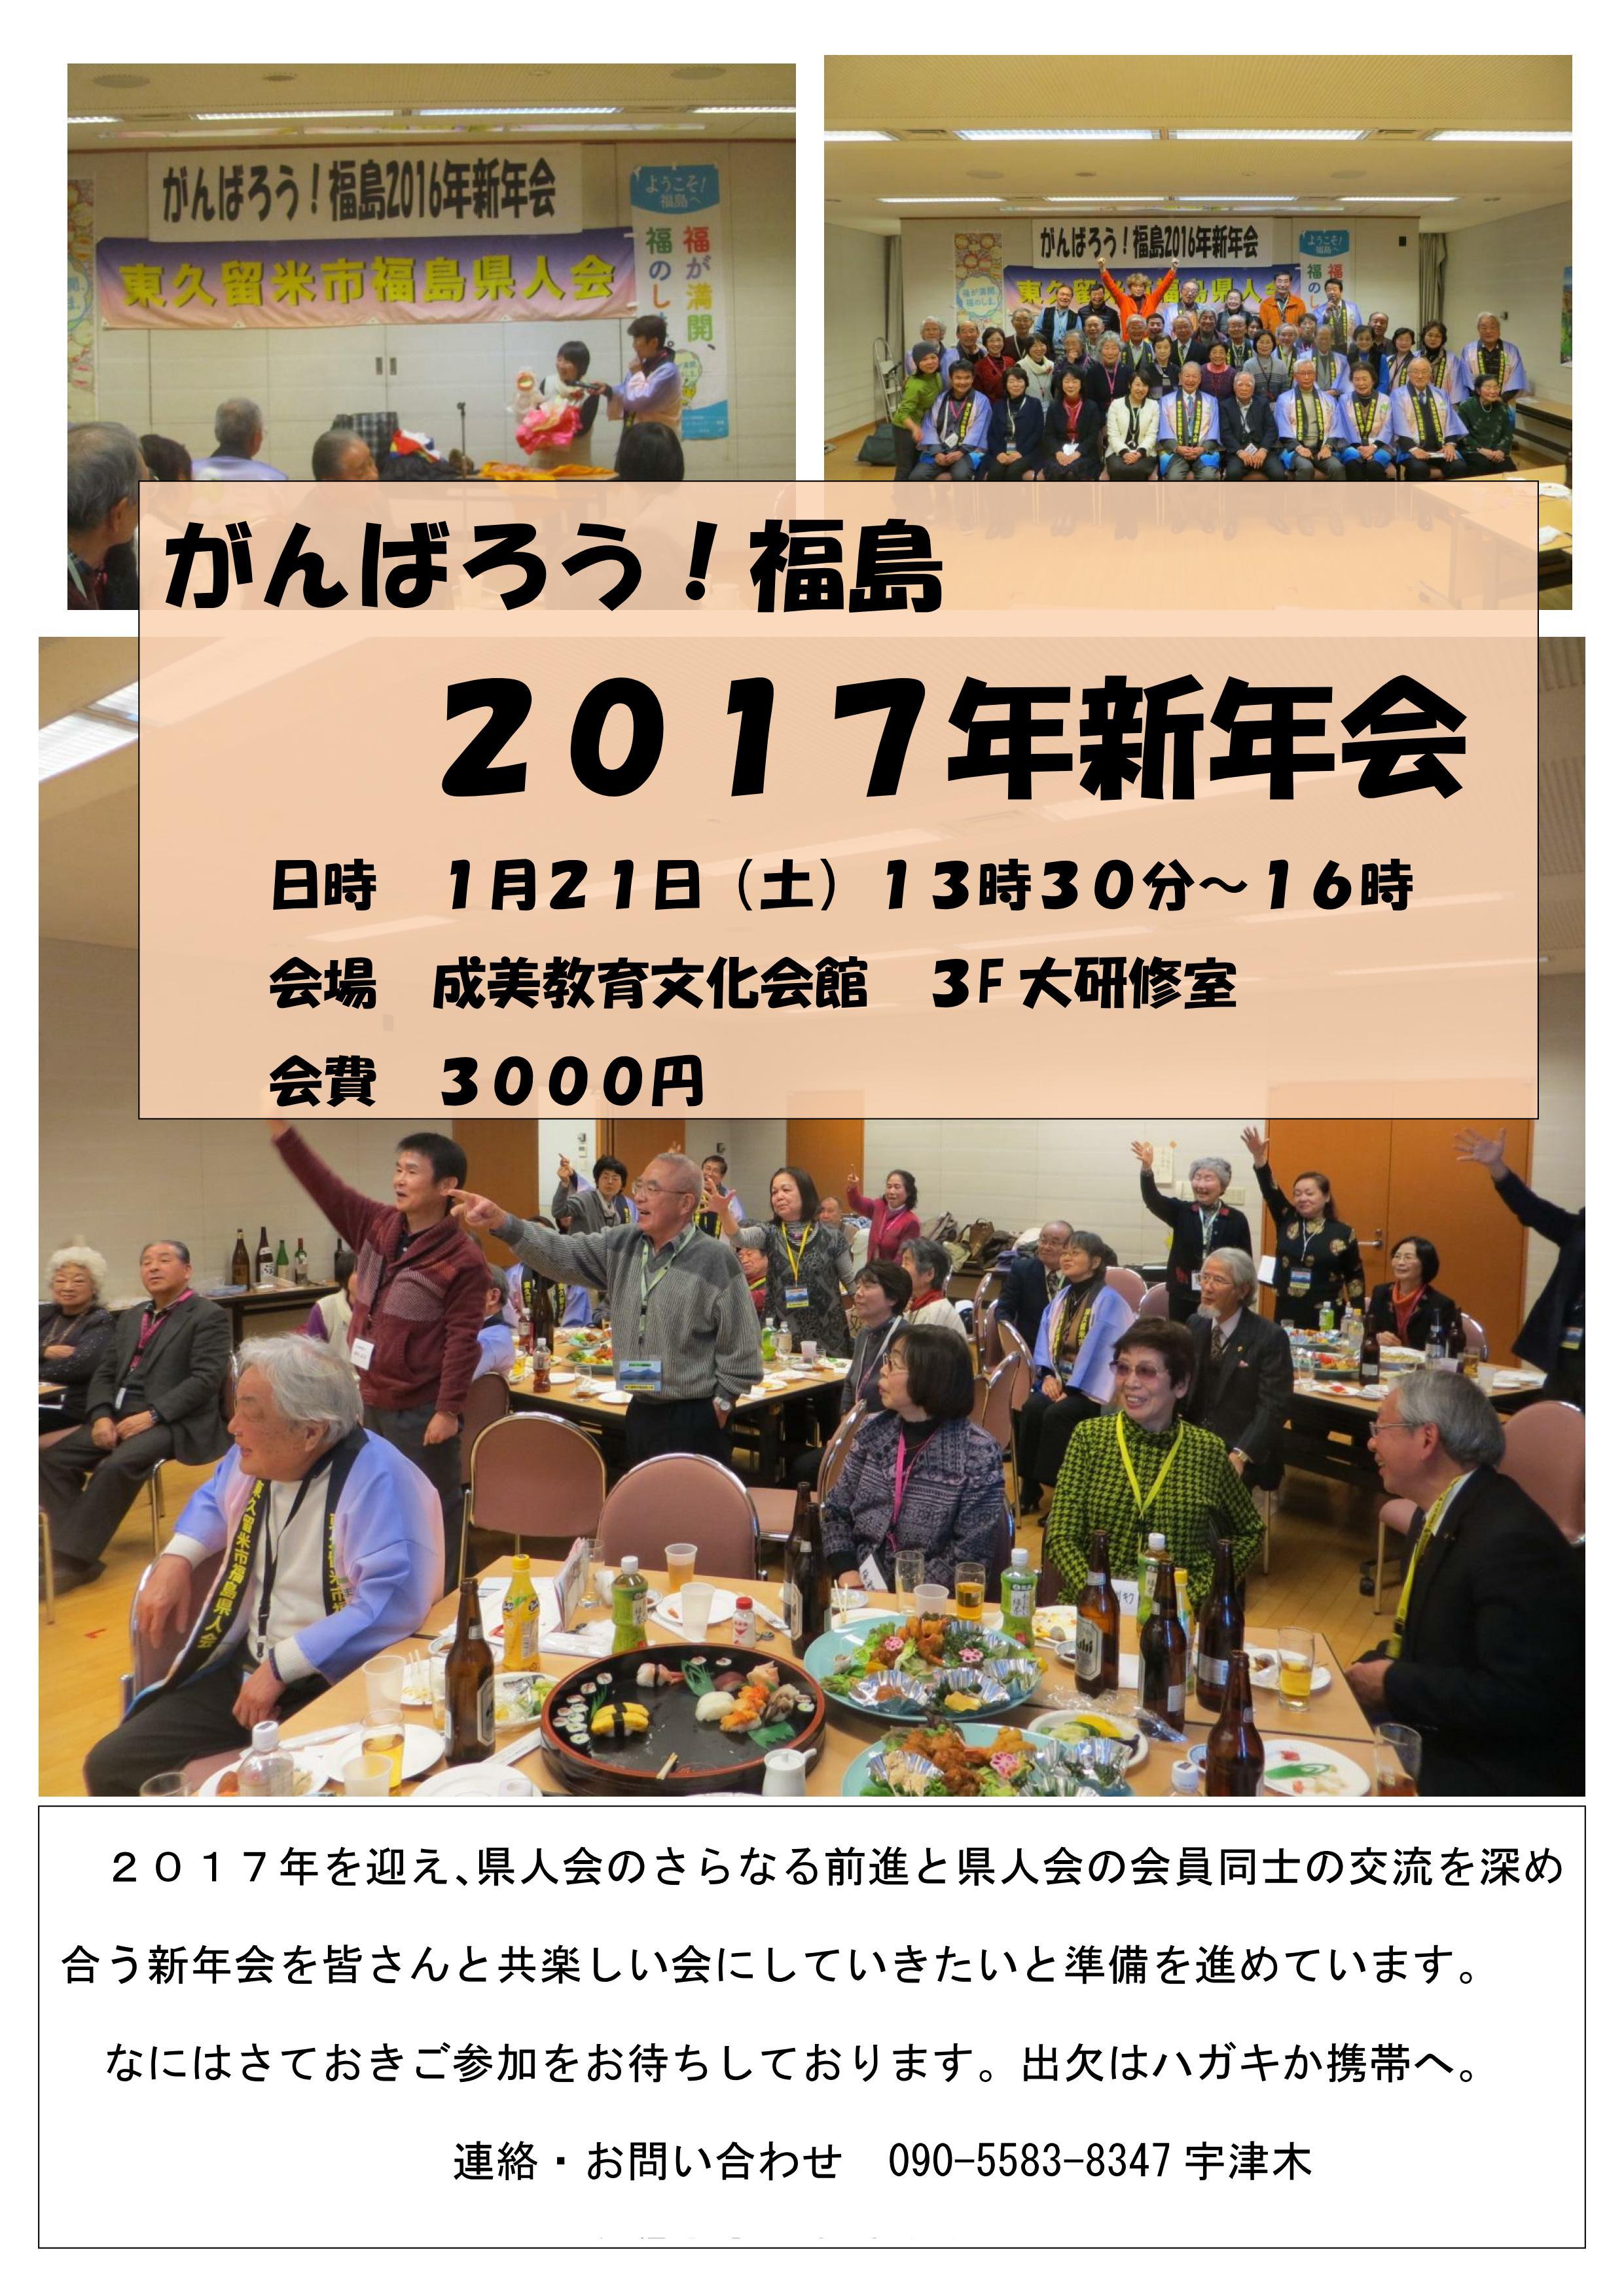 がんばろう福島2017年新年会